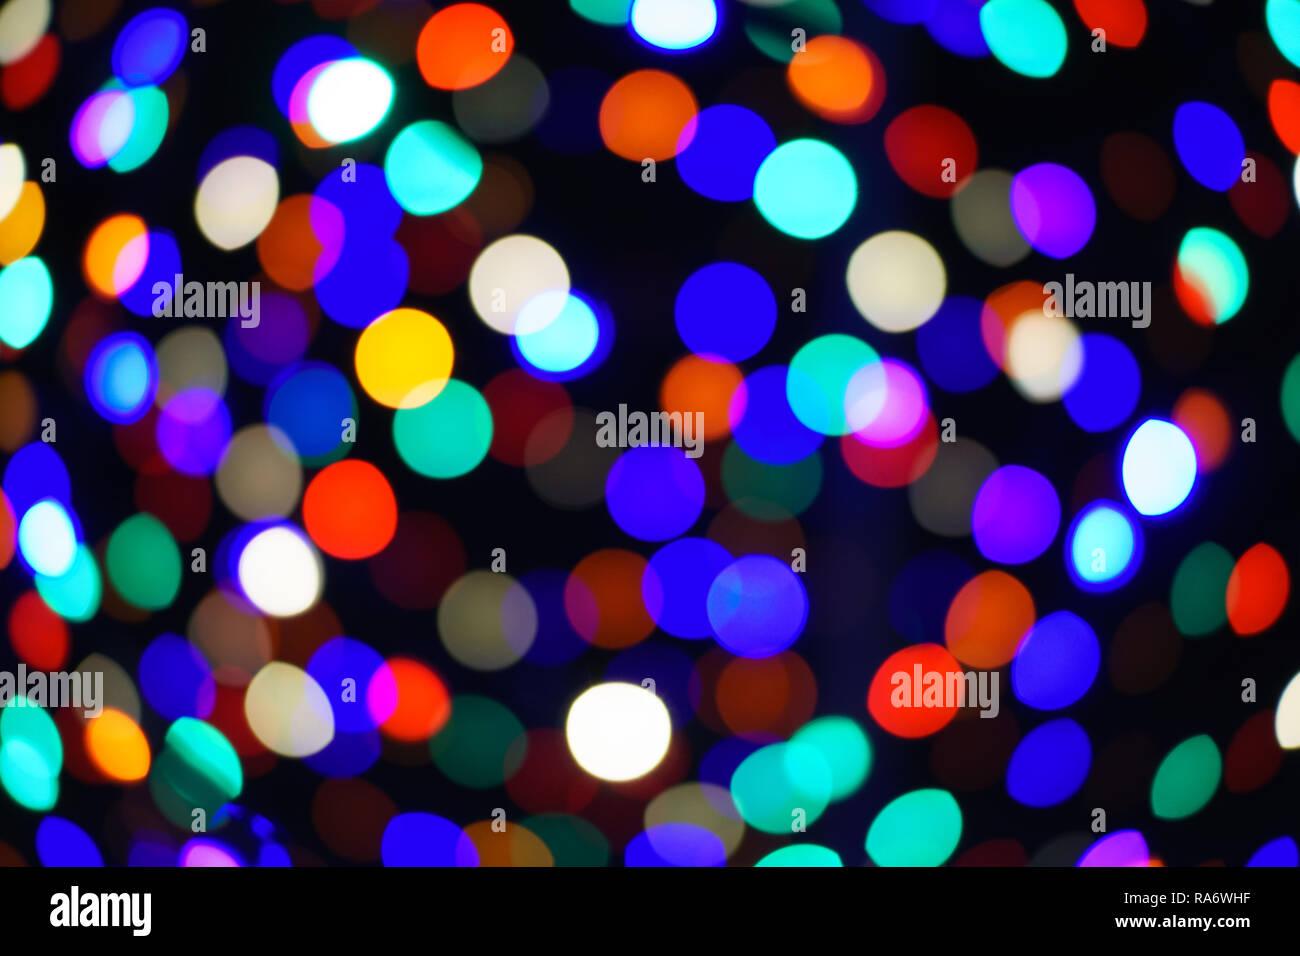 Les cercles de lumière, flou, arc-en-ciel, lumières de Noël, fond sombre Photo Stock